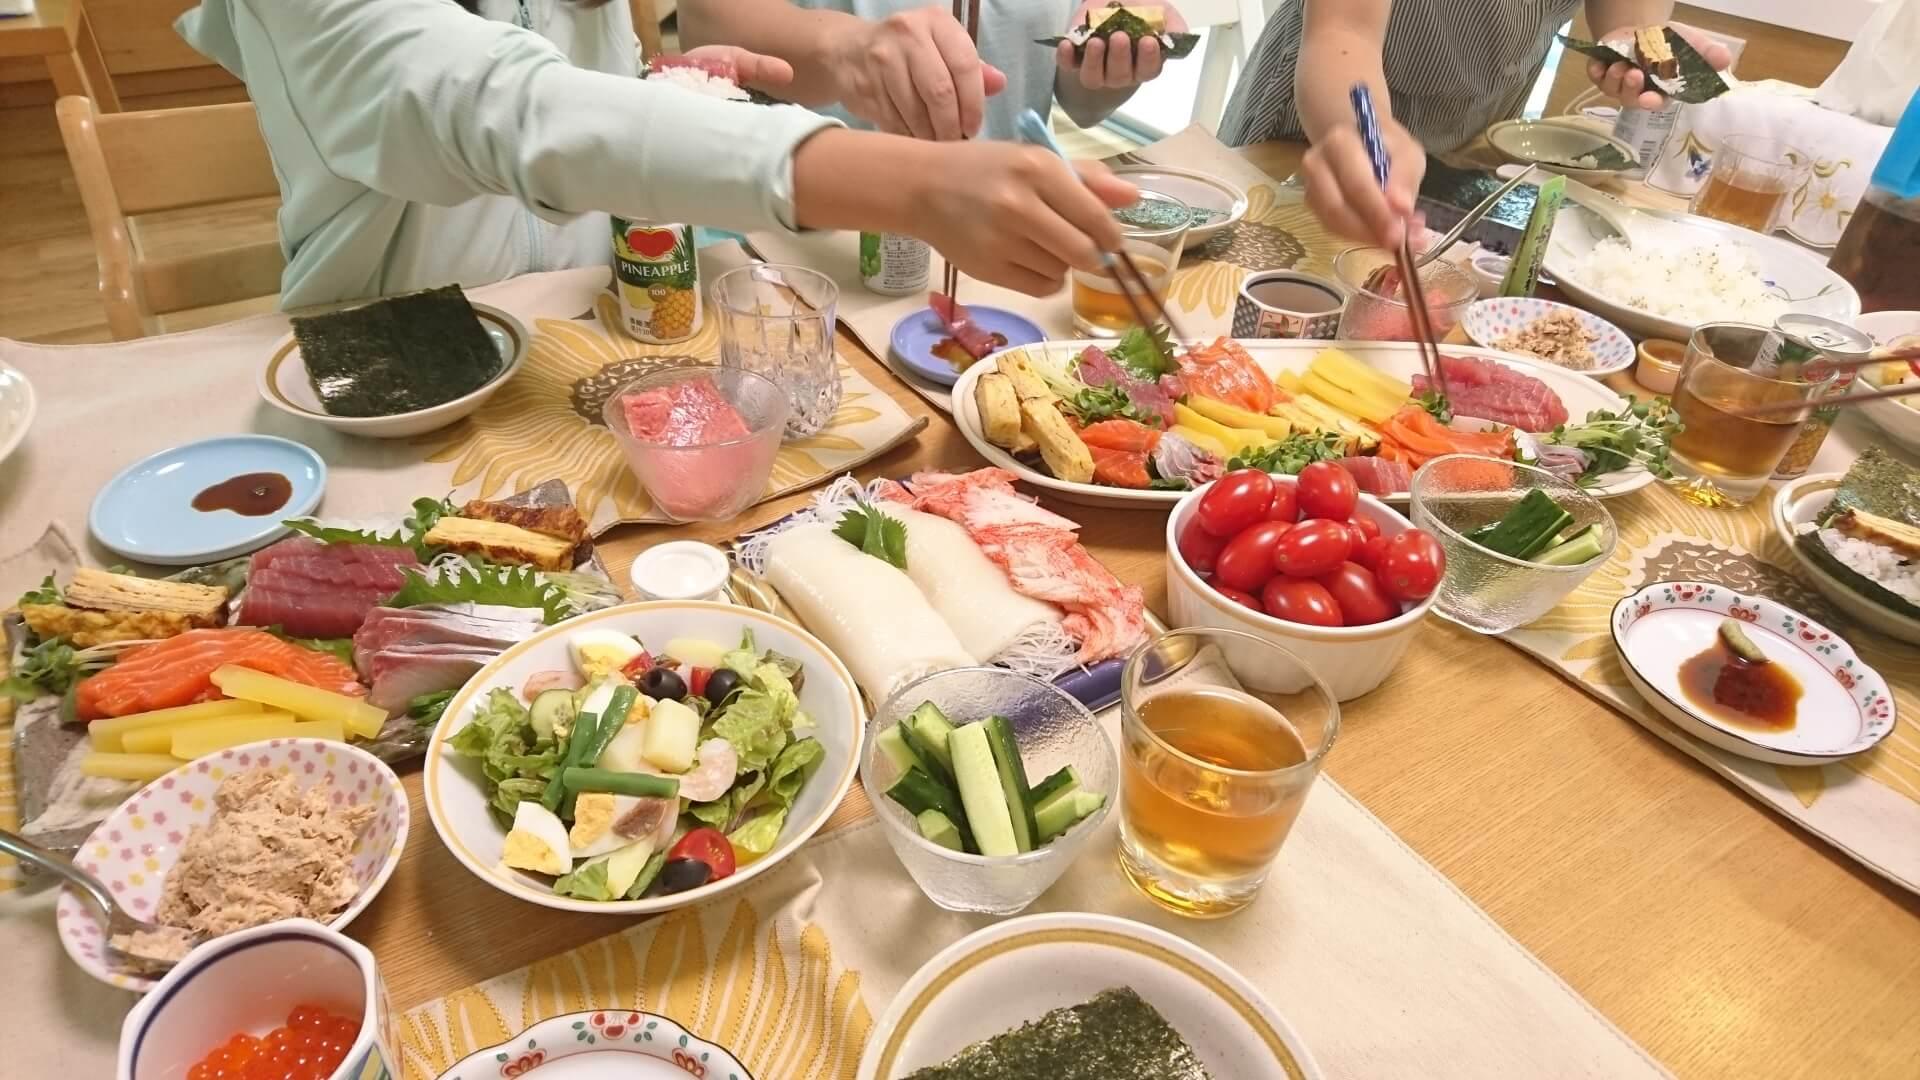 「ホームパーティー 盛り上がり」の画像検索結果